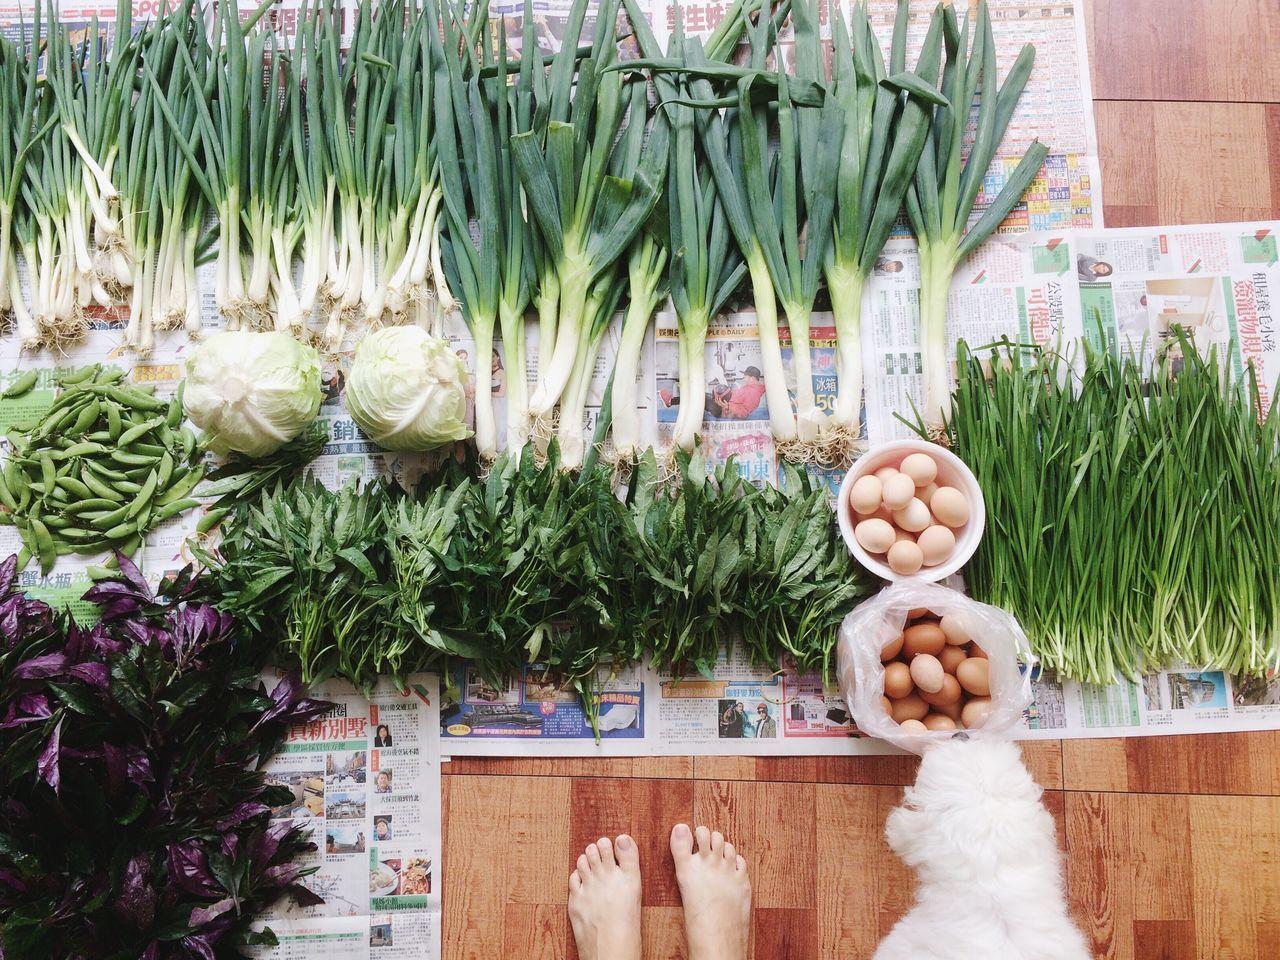 來自阿姨家的禮物。 Freshness Variation Vegetable Healthy Eating Food And Drink For Sale Arrangement IPhoneography Food Choice Green Bean Close-up Indoors  Cabbage Day